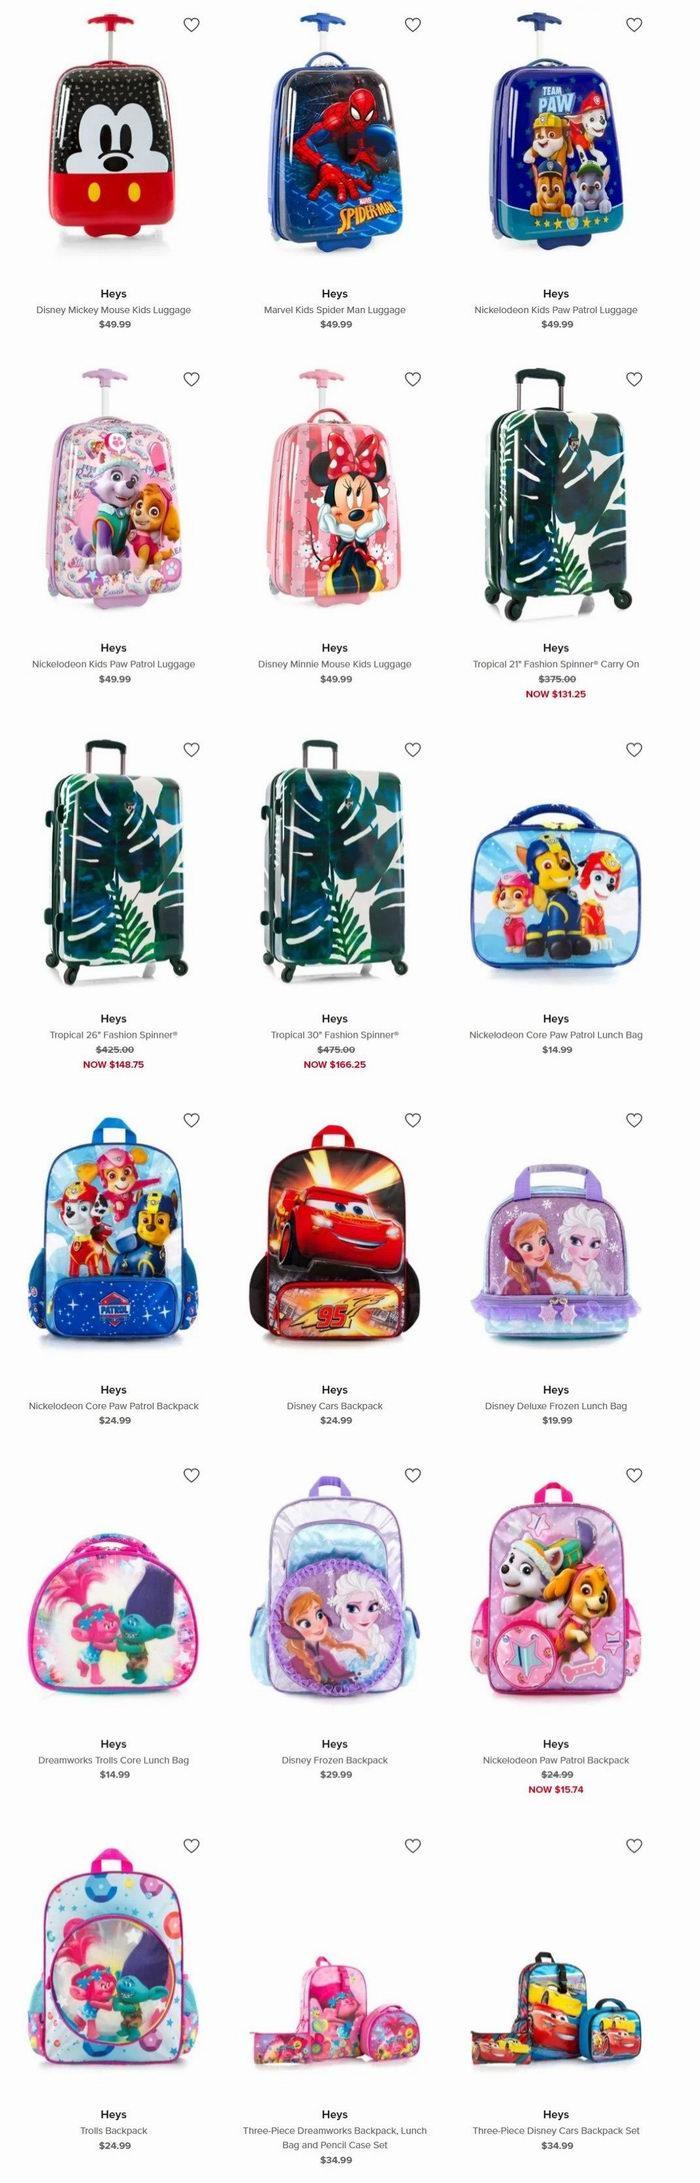 精选Heys儿童拉杆行李箱、书包、午餐包 7.5折优惠,折后低至 11.25加元!